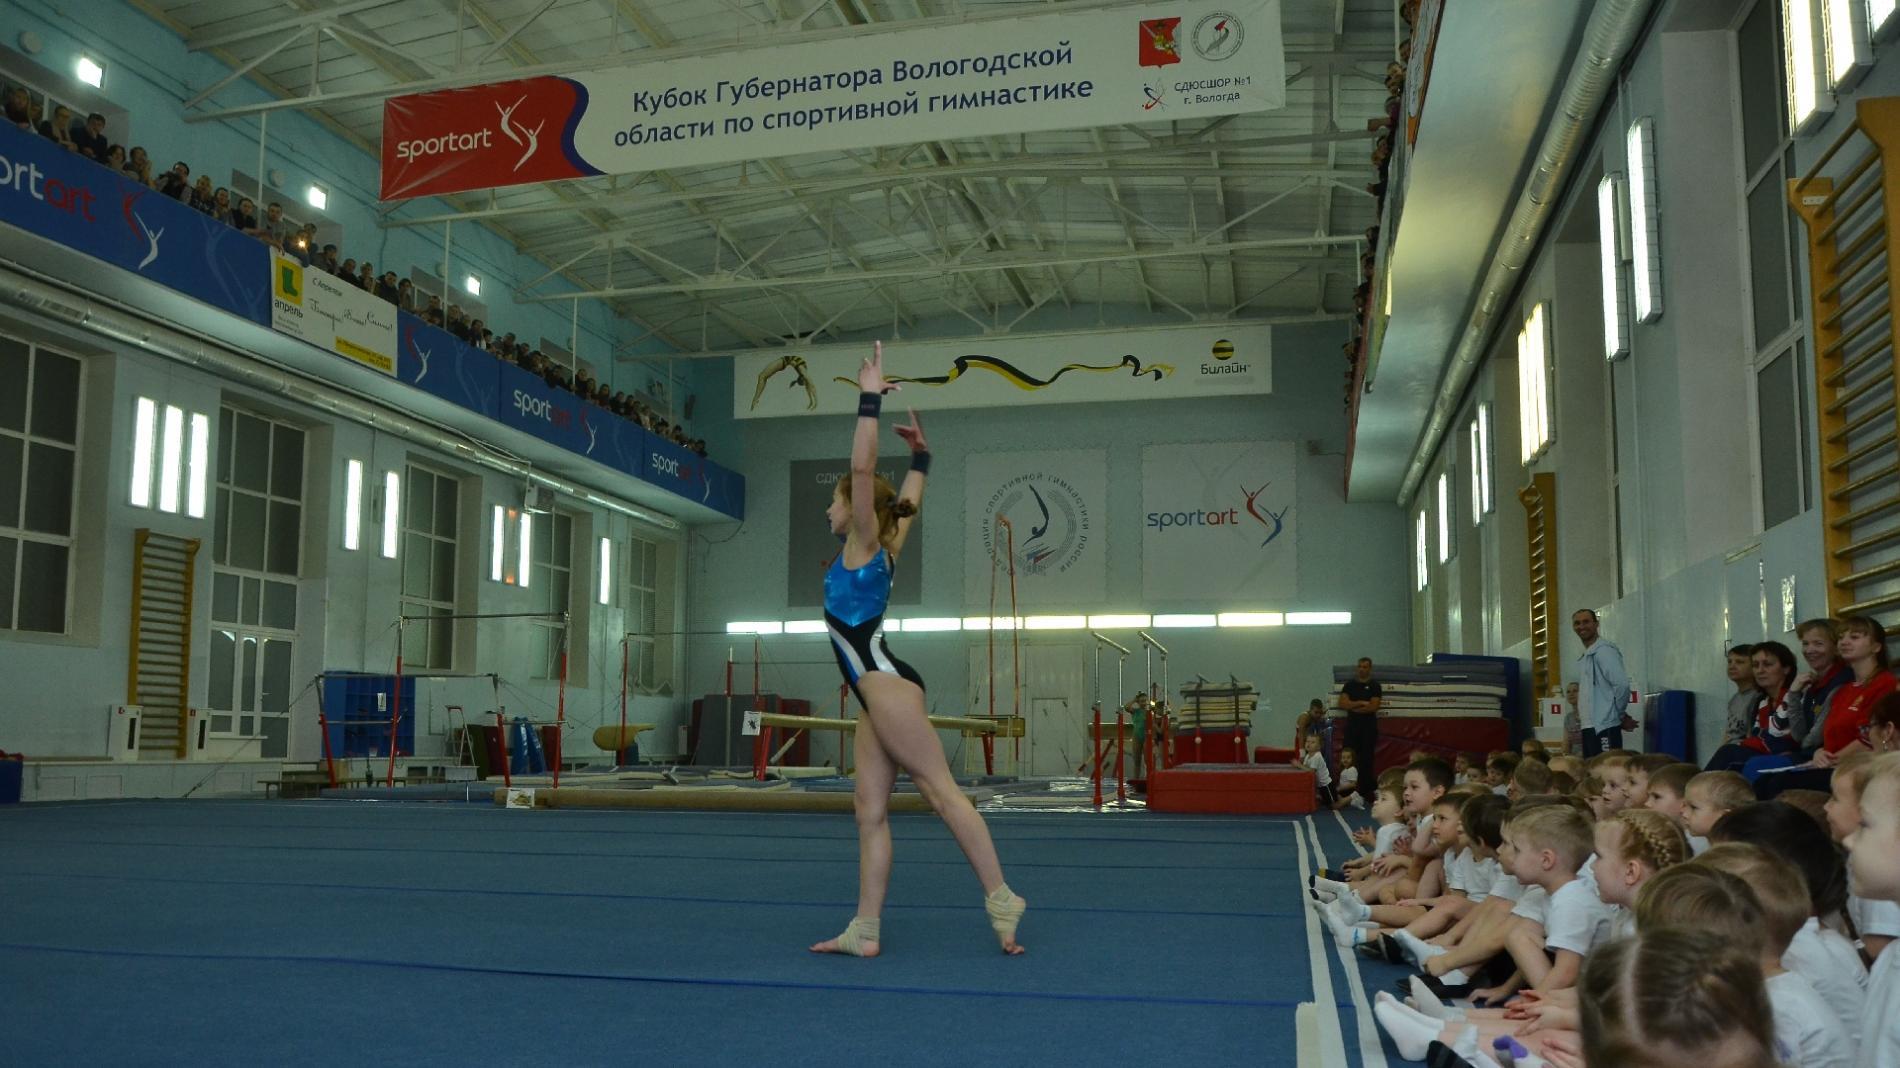 Сладкие подарки от Деда Мороза получили участники первенства Вологды по спортивной гимнастике